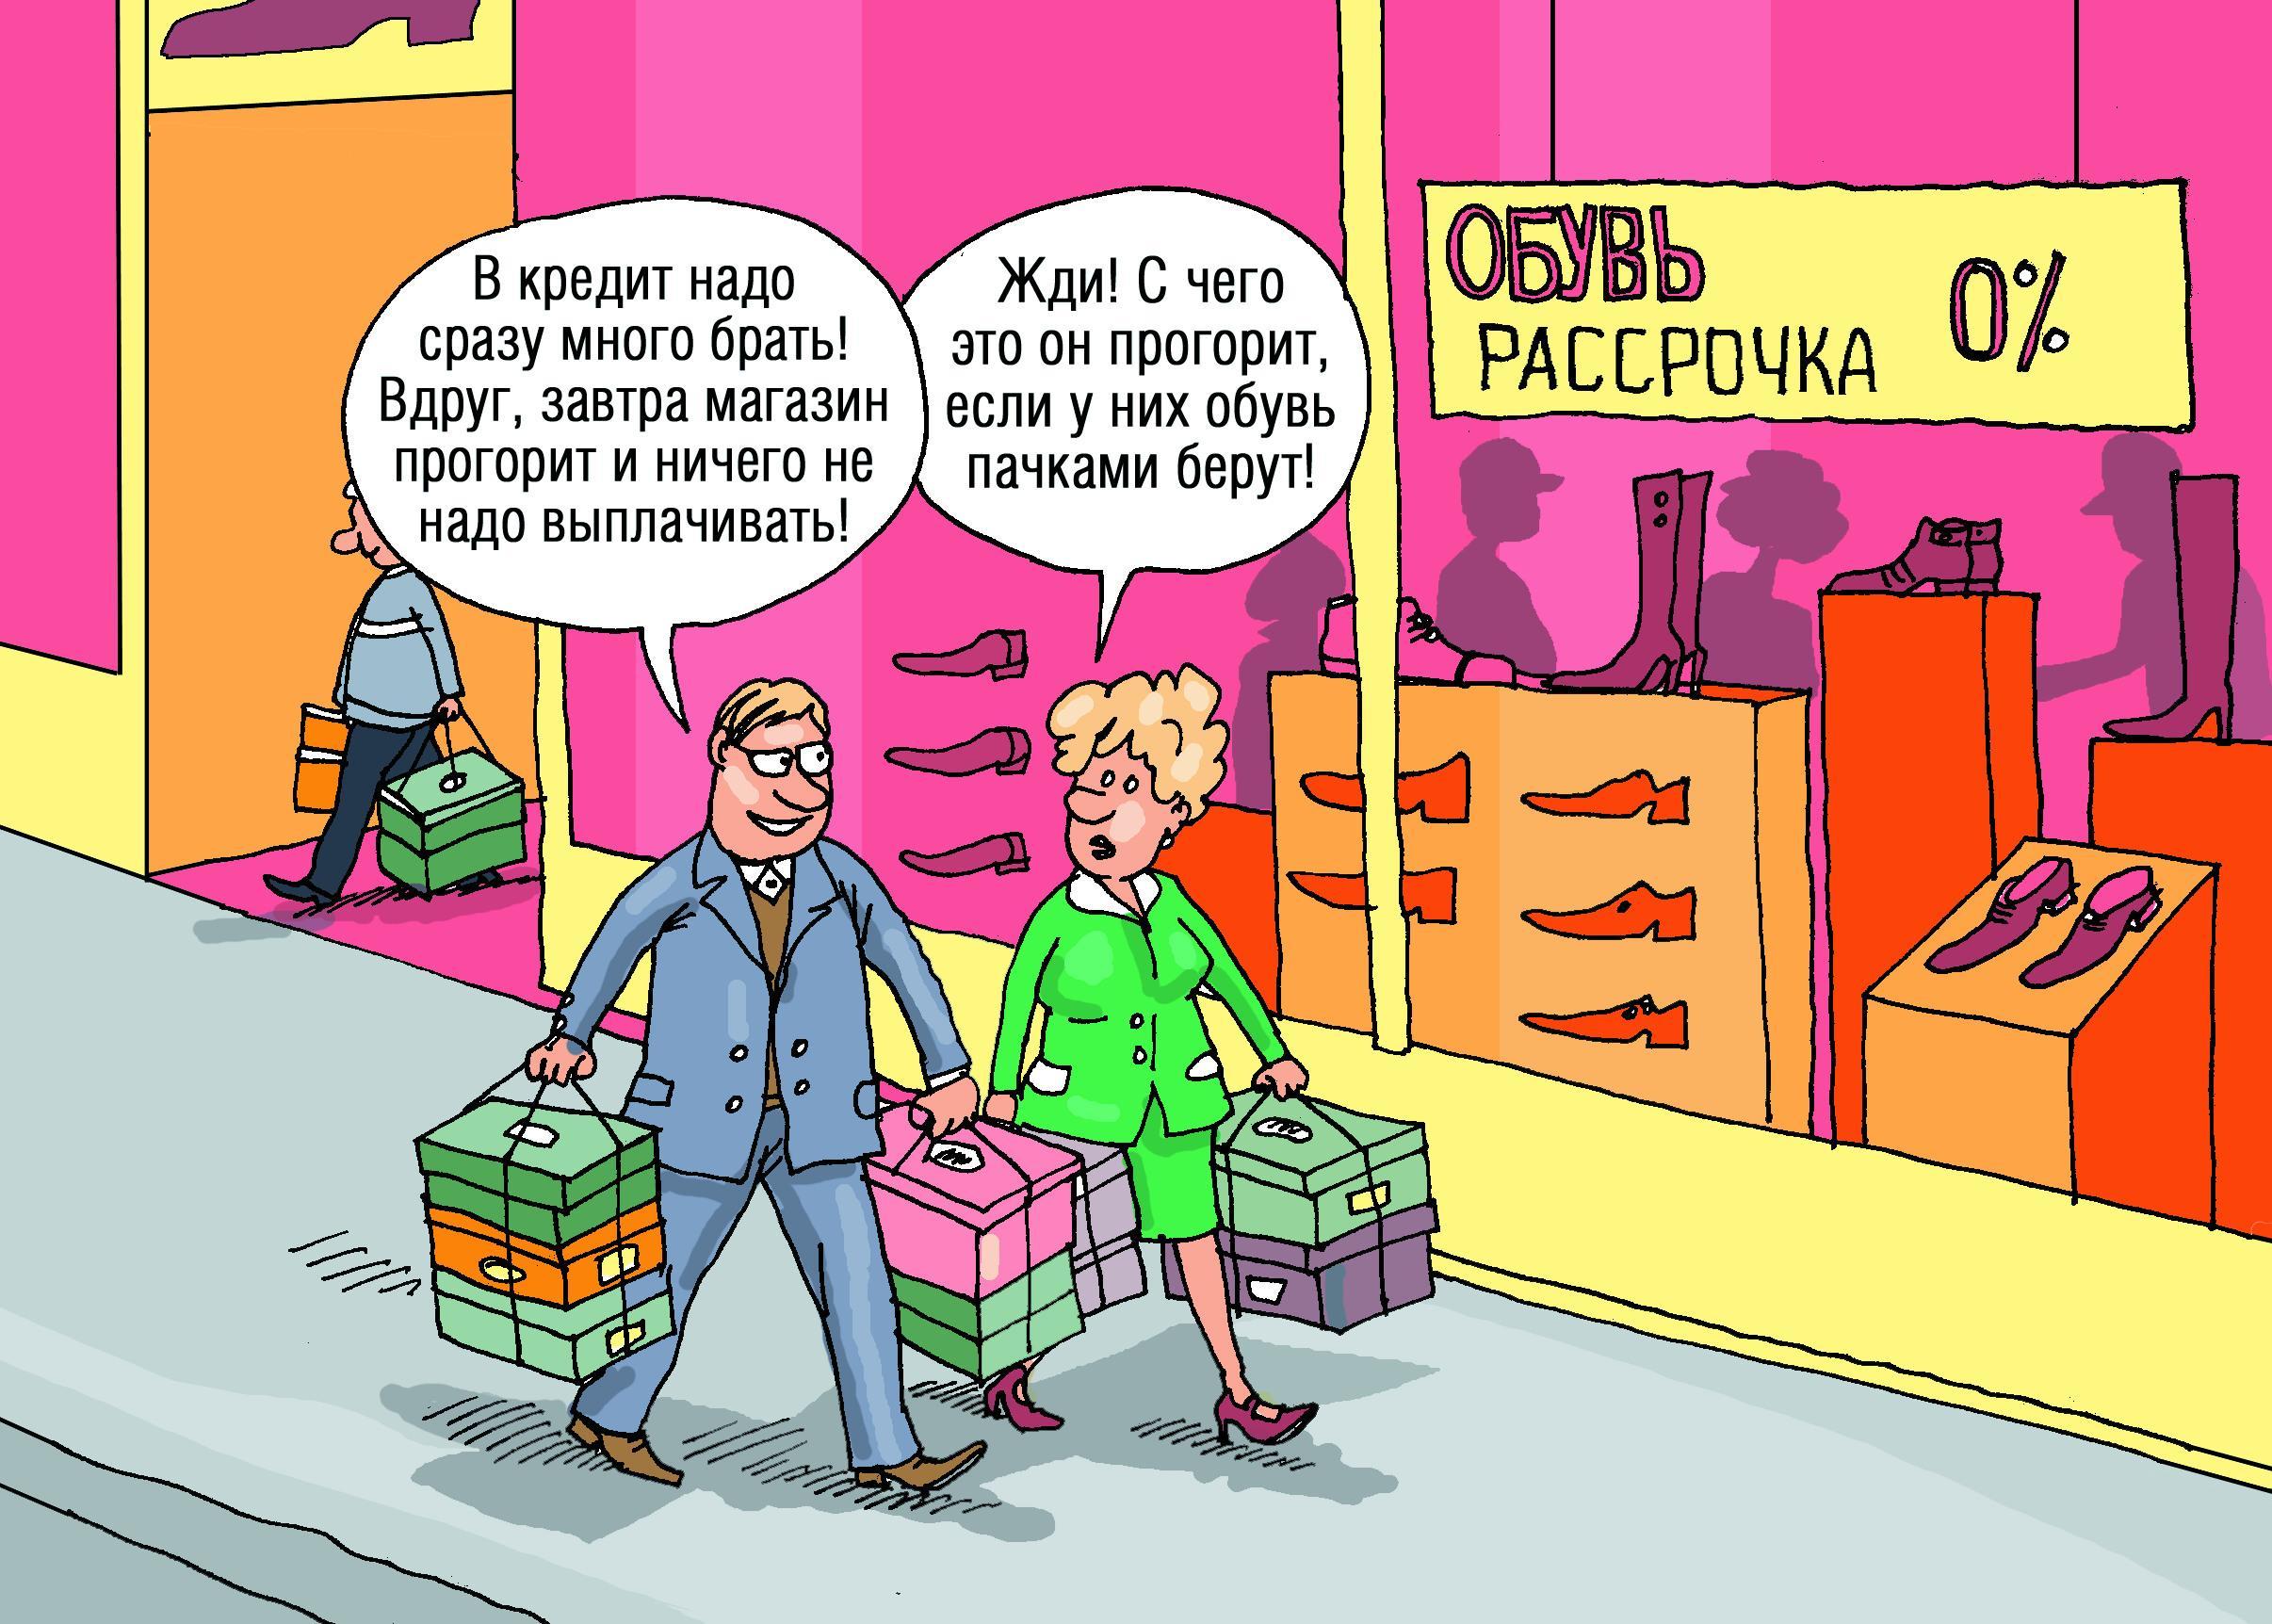 Магазины обувь в кредит